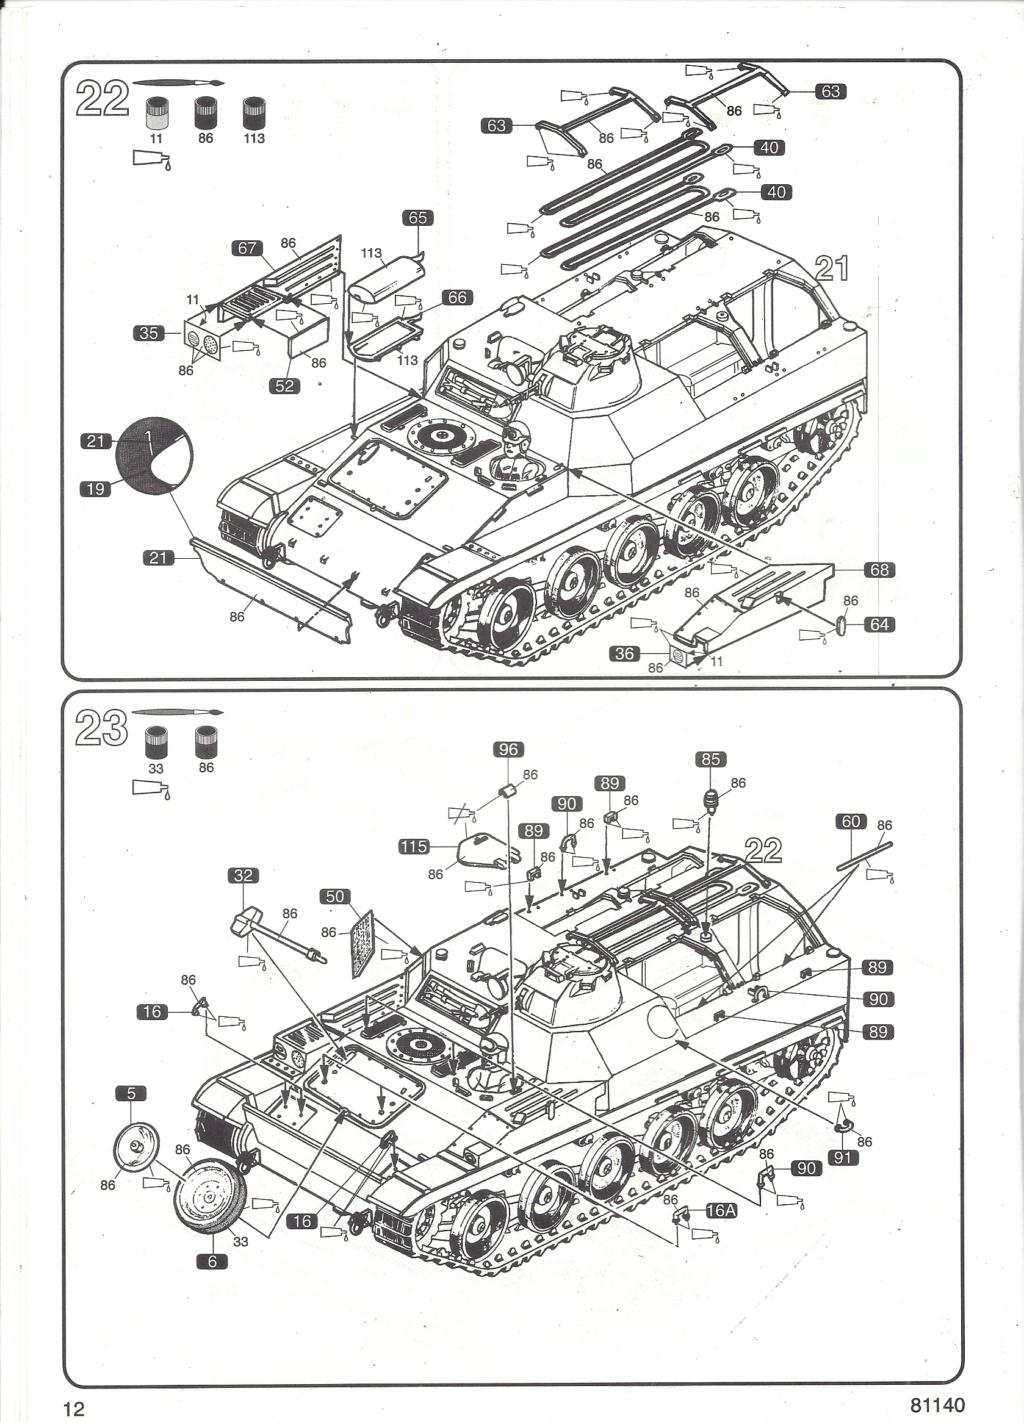 Véhicule de Combat d Infanterie AMX 13 M 56 VCI 1/35ème Réf 81140 Notice Hell2122